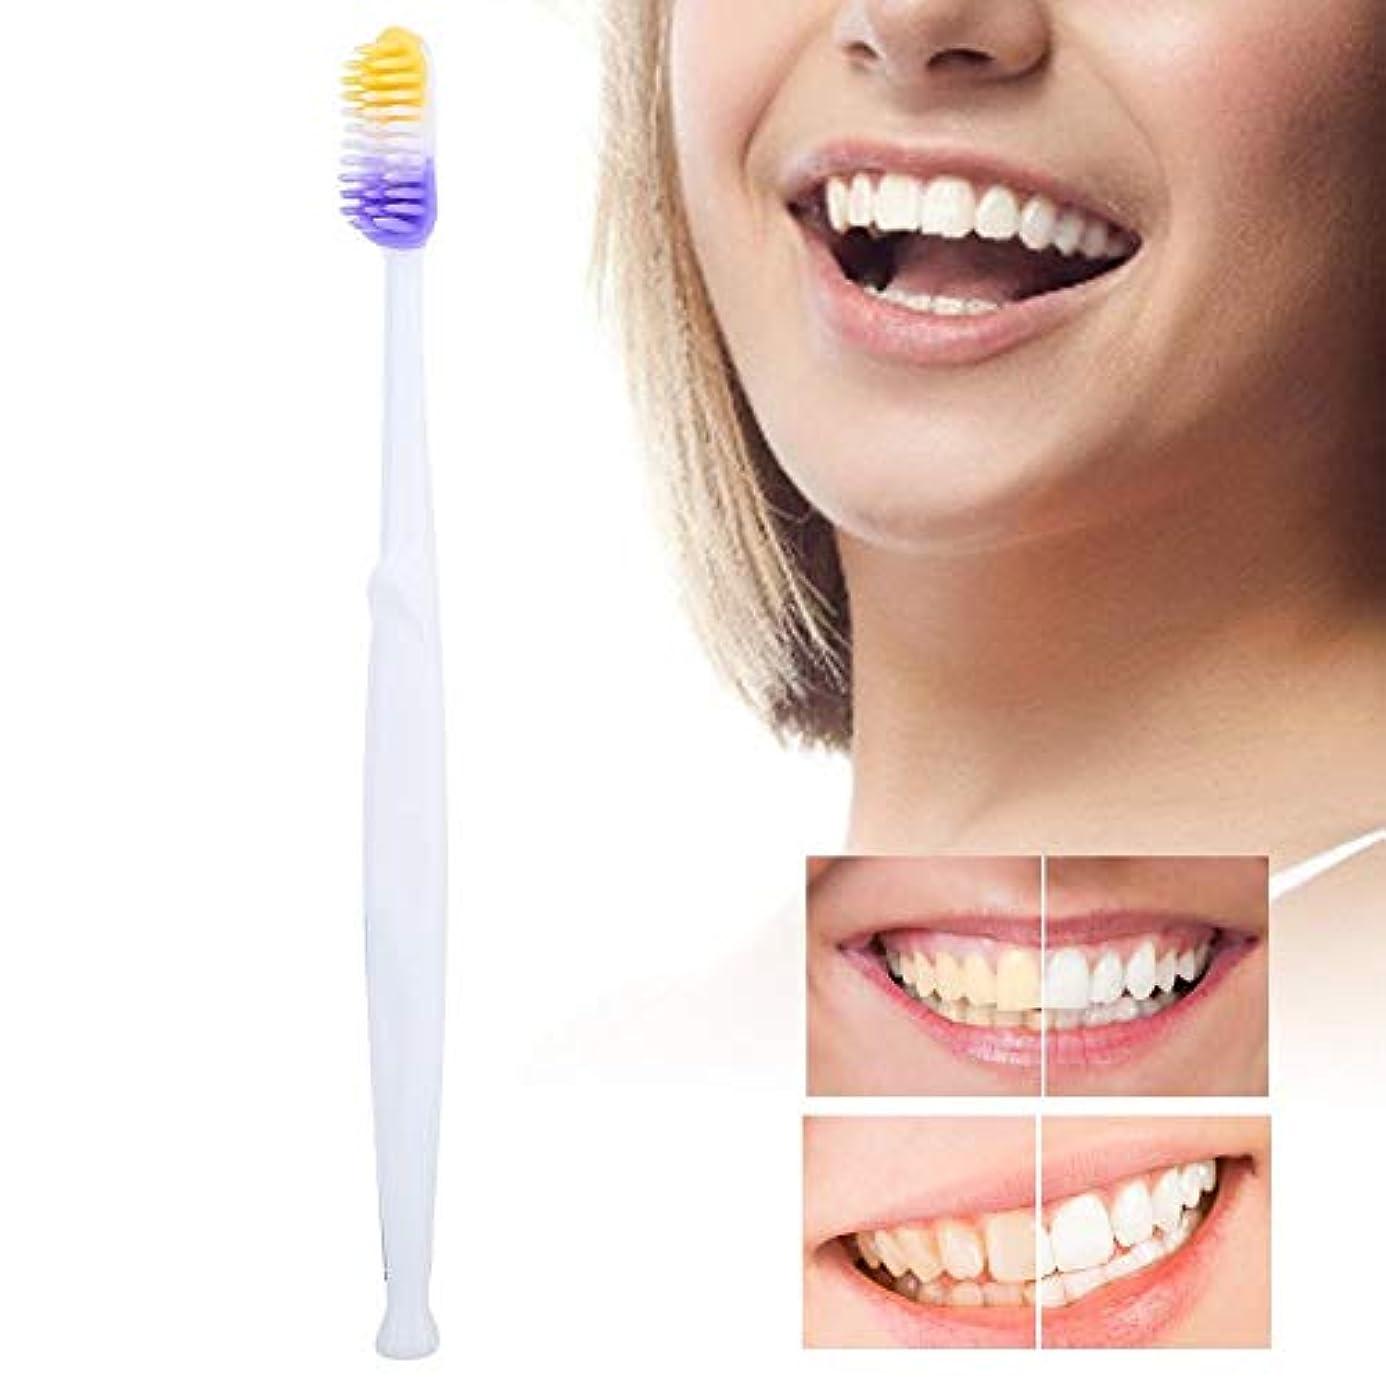 舌見つける最大化する歯ブラシ、妊娠中の産後の女性のオーラルケア用具のためのシリコーンの柔らかい毛の歯ブラシのクリーニングの歯ブラシ